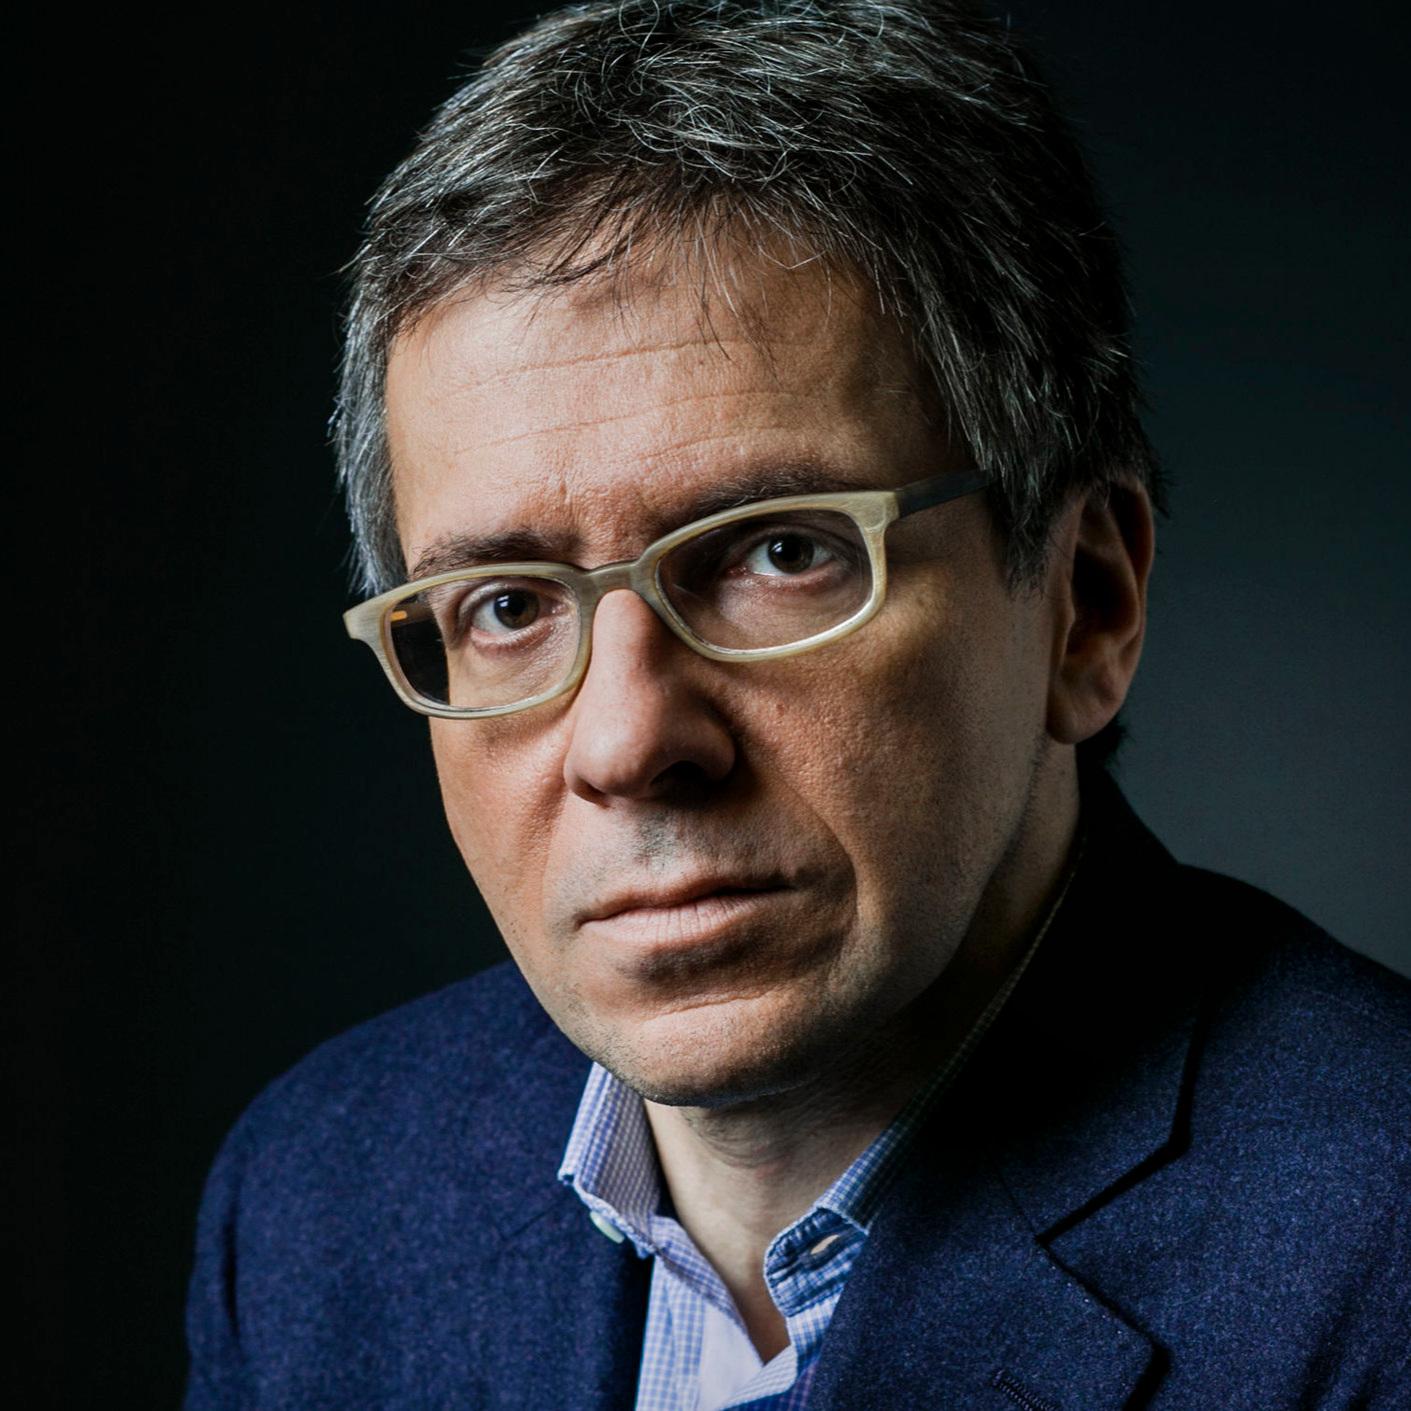 Ian Bremmer - Expert on Global Political Risk